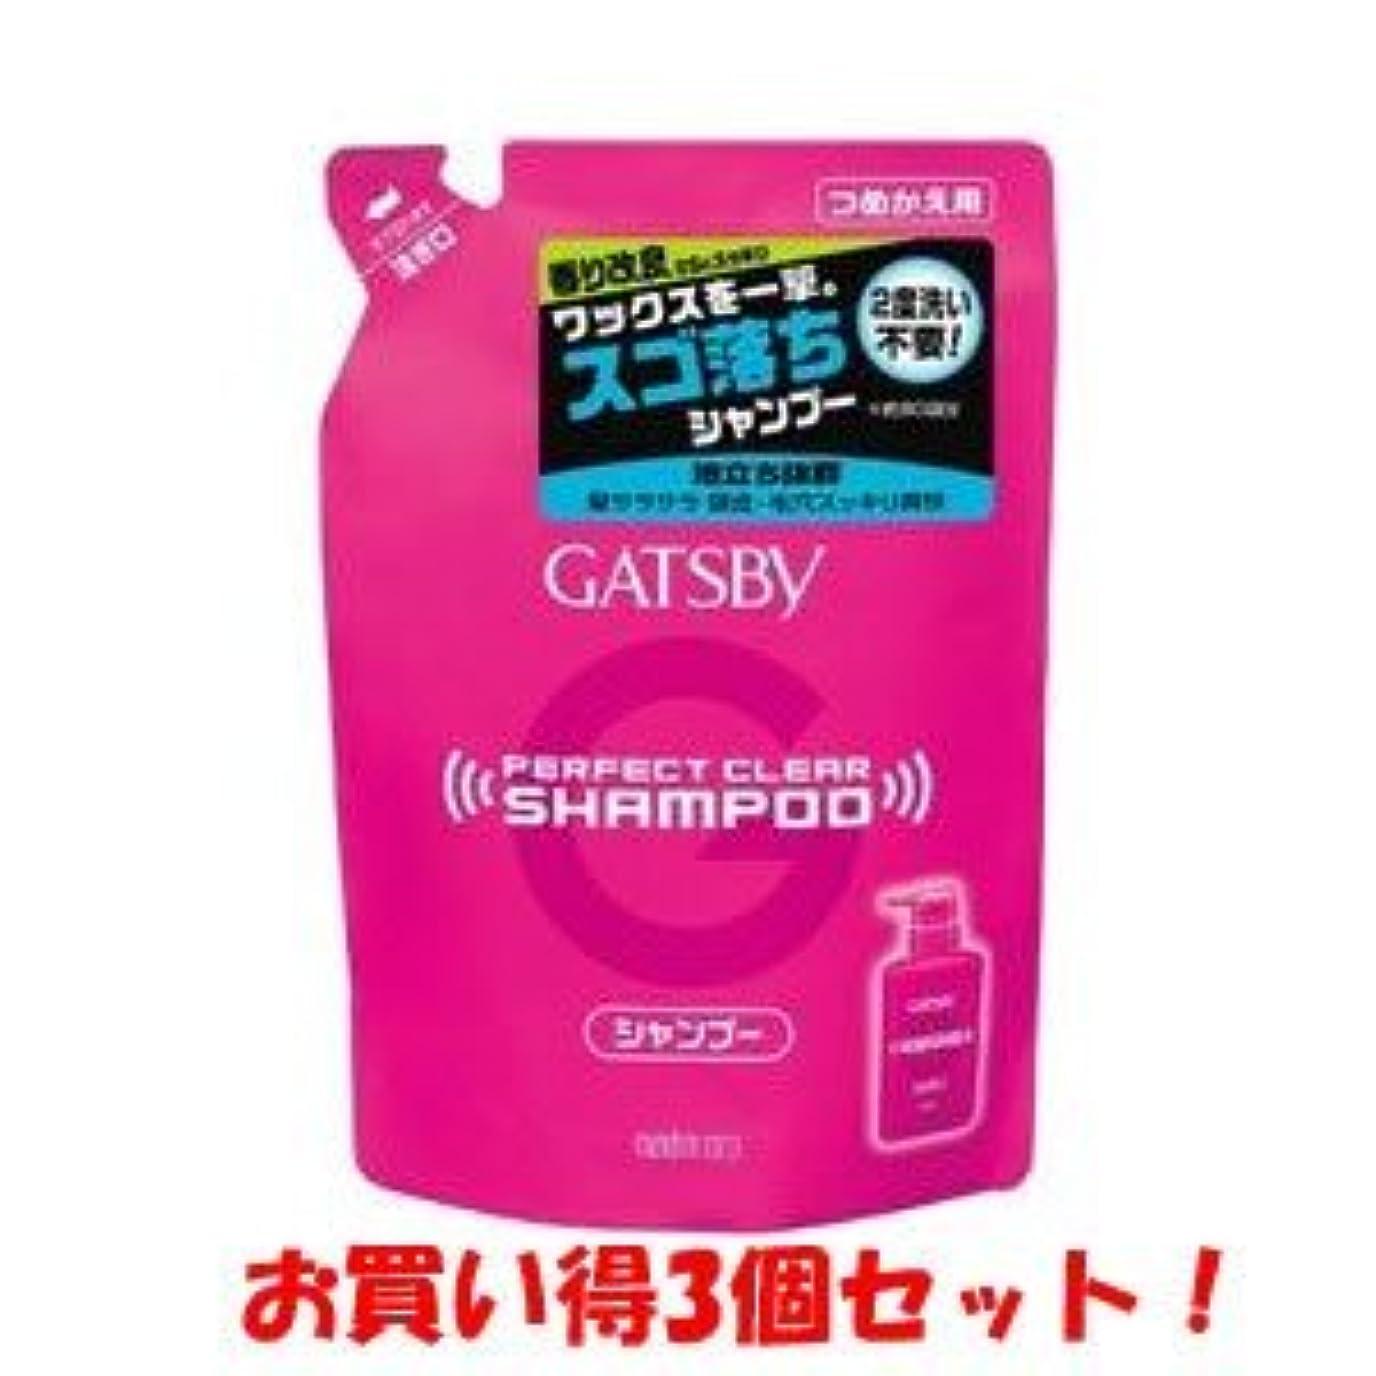 検査主婦ディレクターギャツビー【GATSBY】パーフェクトクリアシャンプー 詰替 320ml(お買い得3個セット)